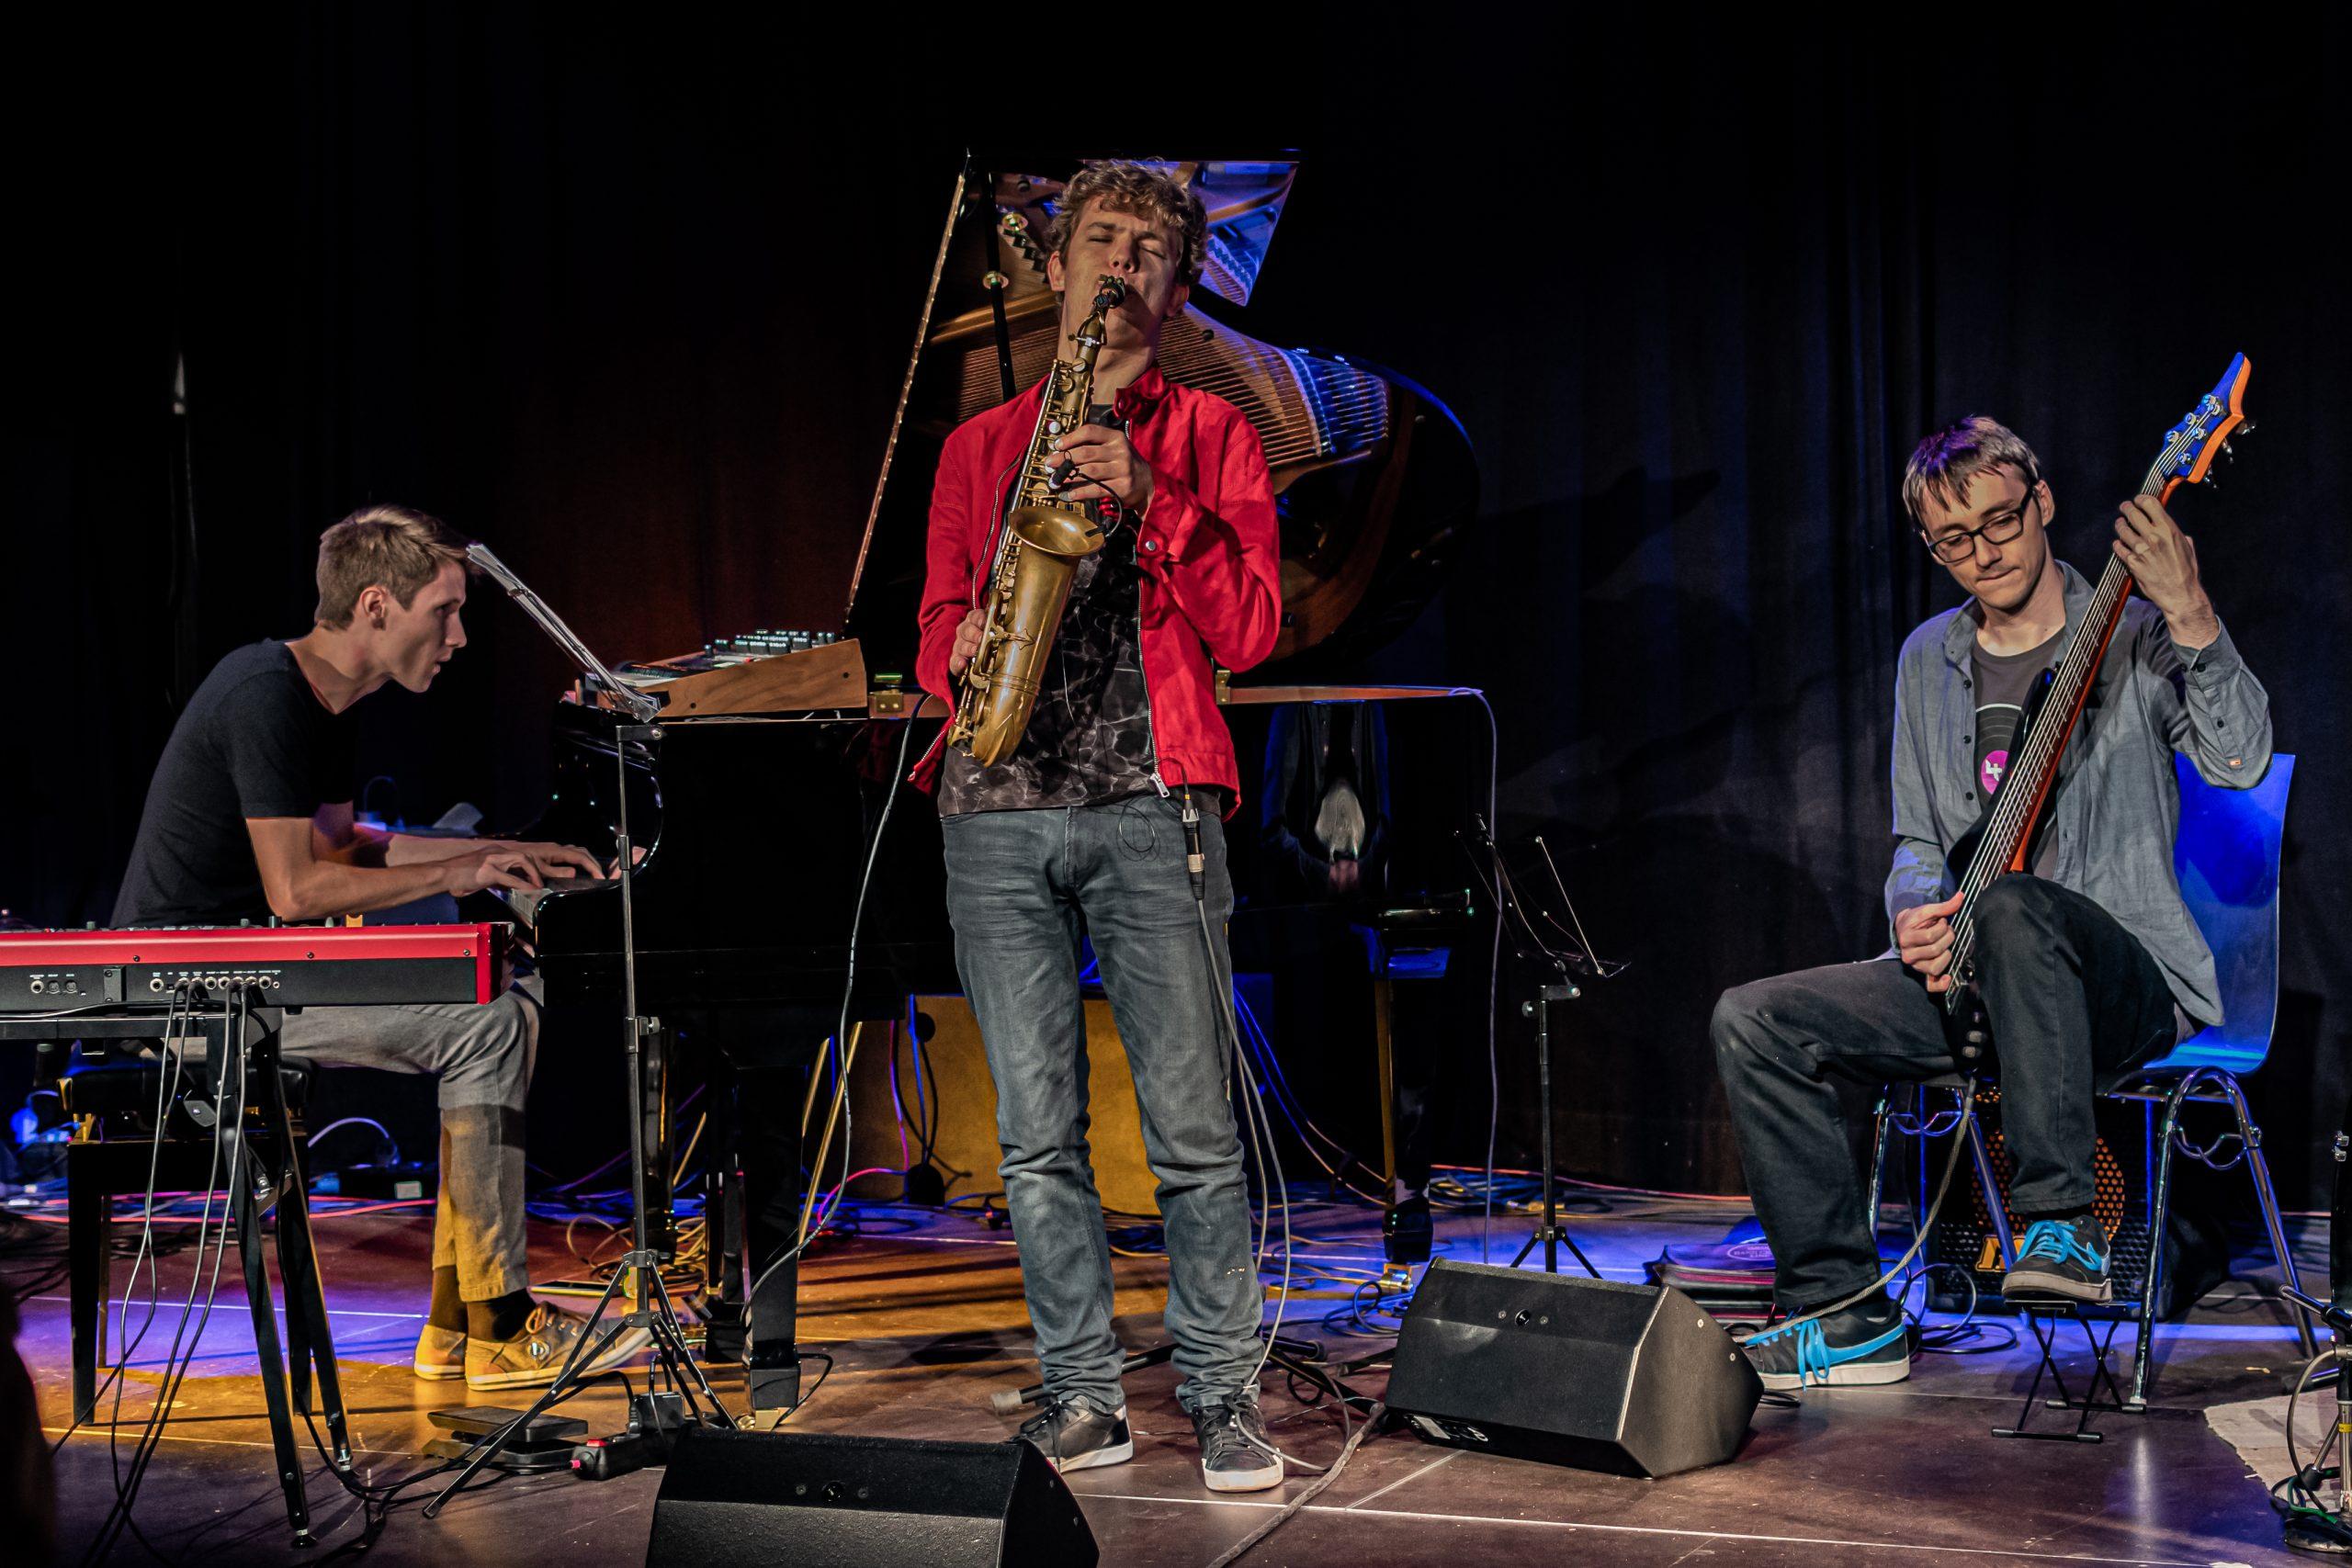 The Jakob Manz Project auf der Bühne